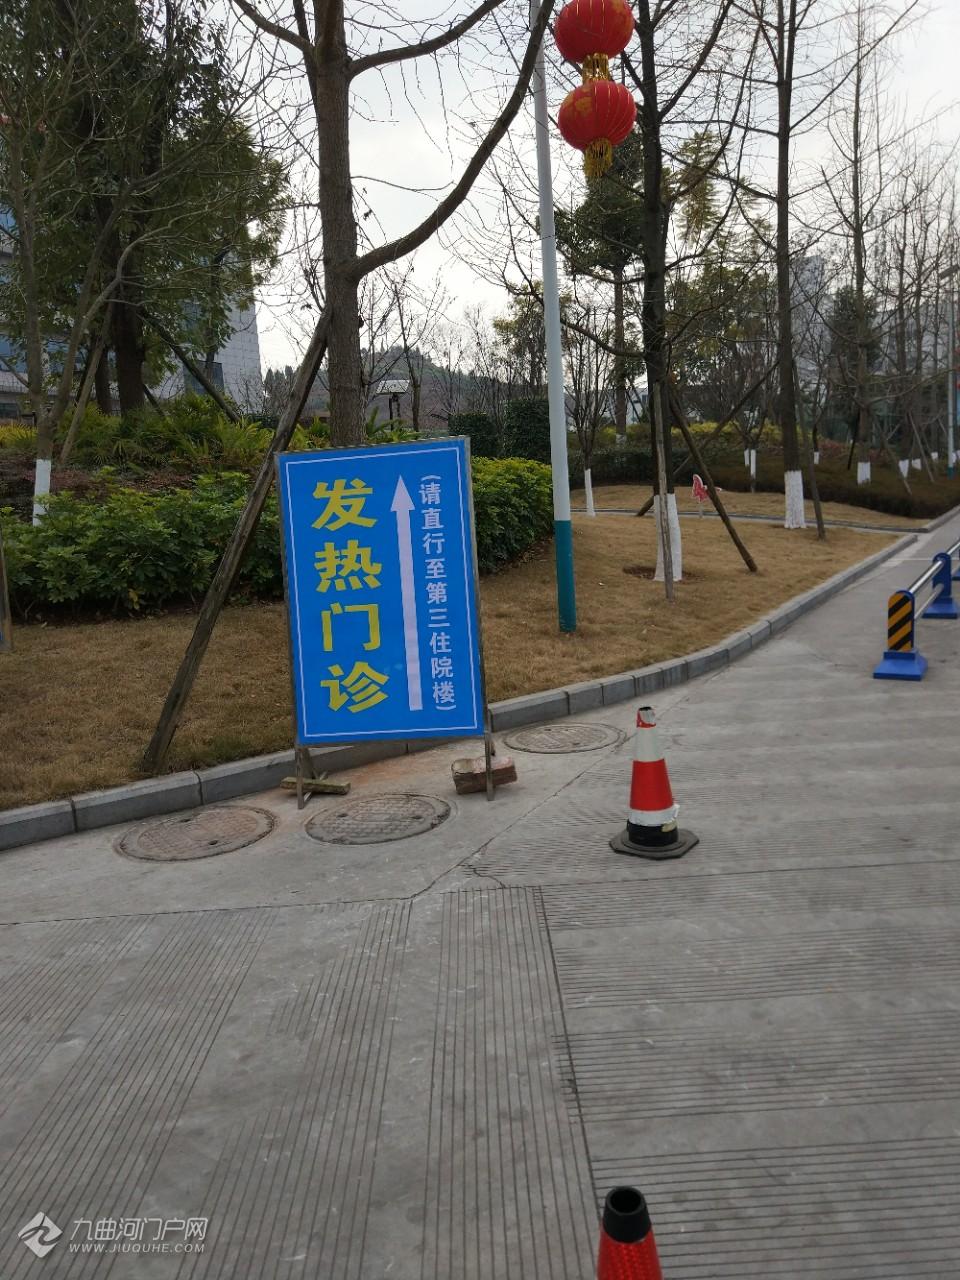 """资阳市第一人民医院设置了""""发热门诊""""指示牌了,春节没事就不要到处游玩了 ..."""